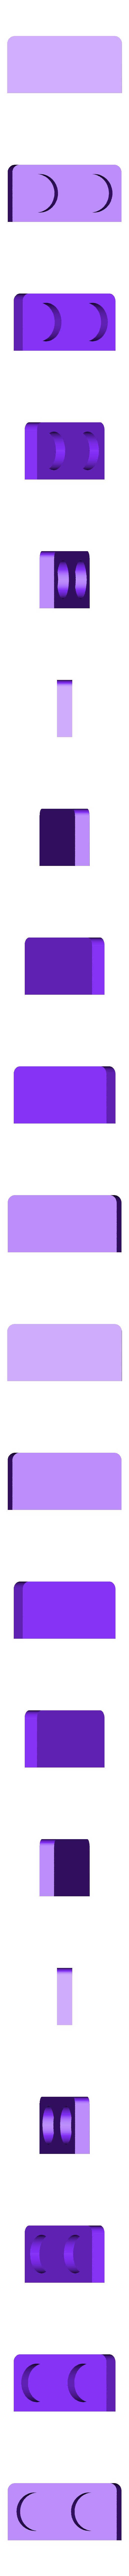 rule3.STL Télécharger fichier STL gratuit Imprimante à pochoir • Objet pour imprimante 3D, perinski